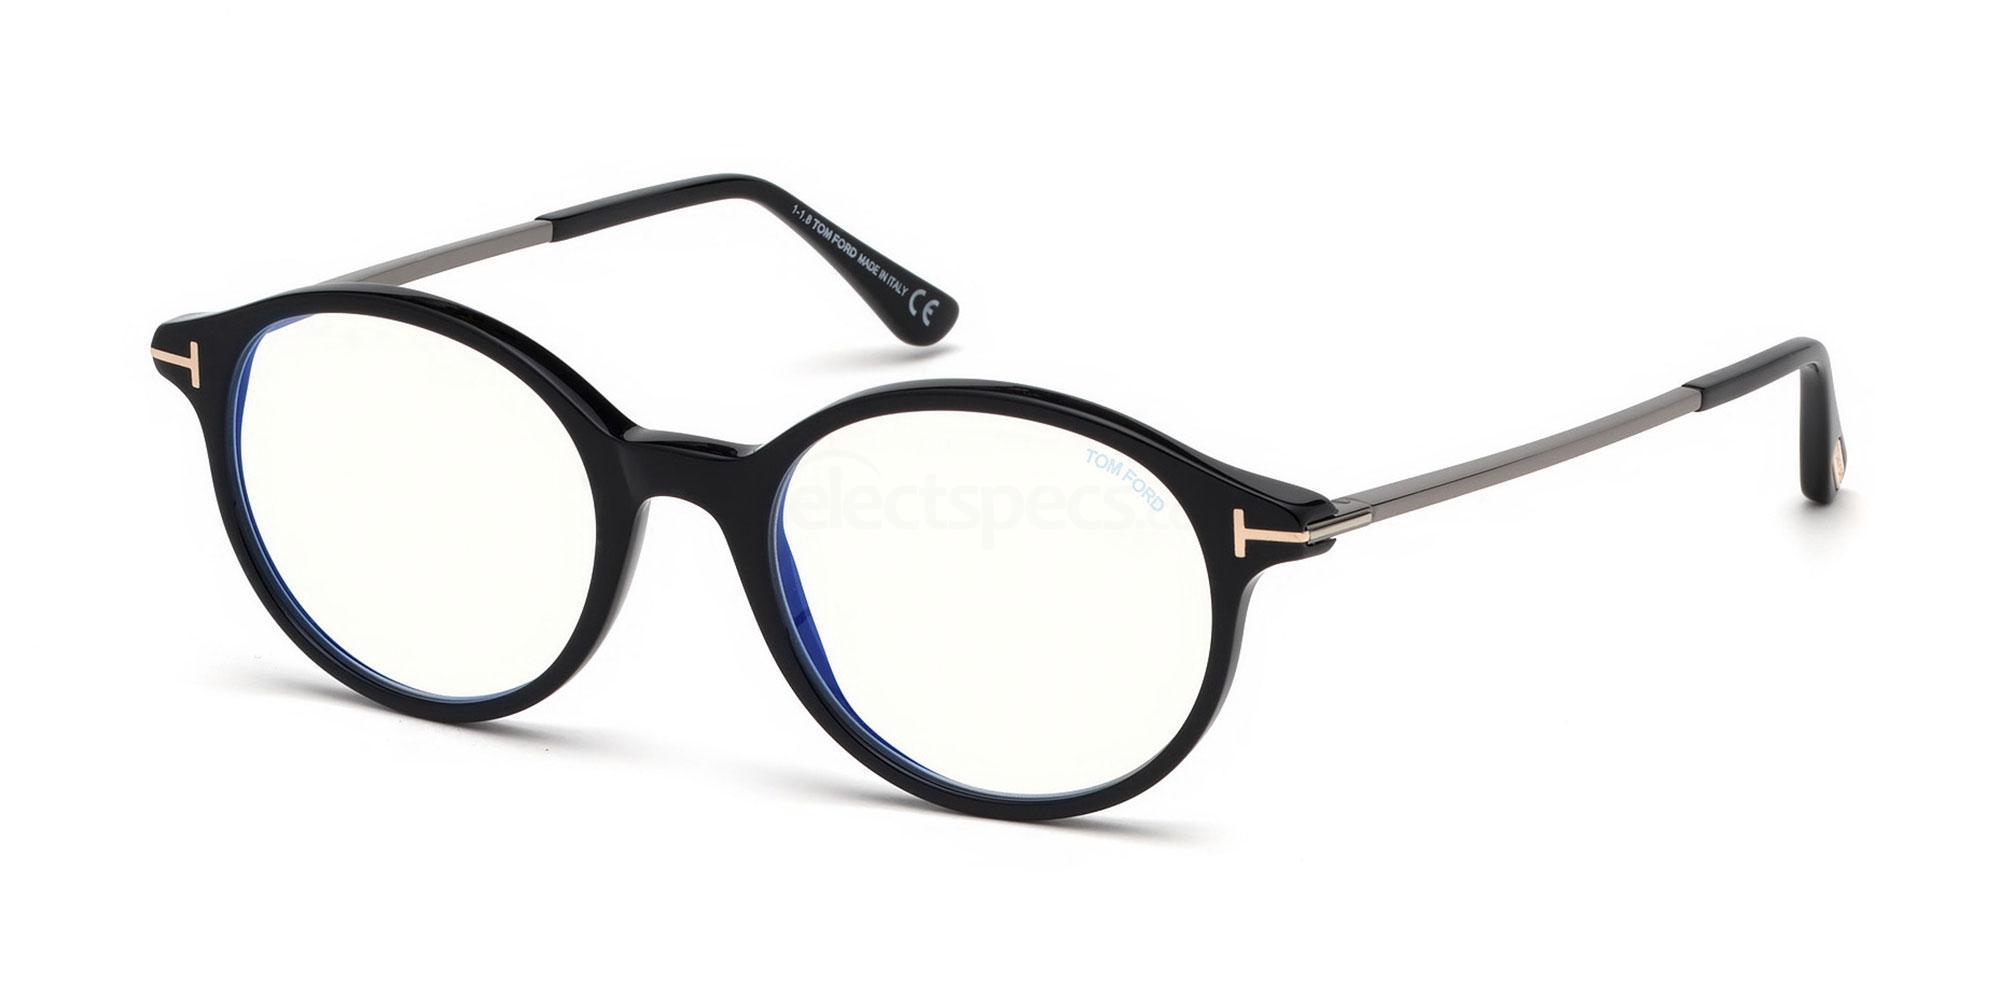 001 FT5554-B Glasses, Tom Ford